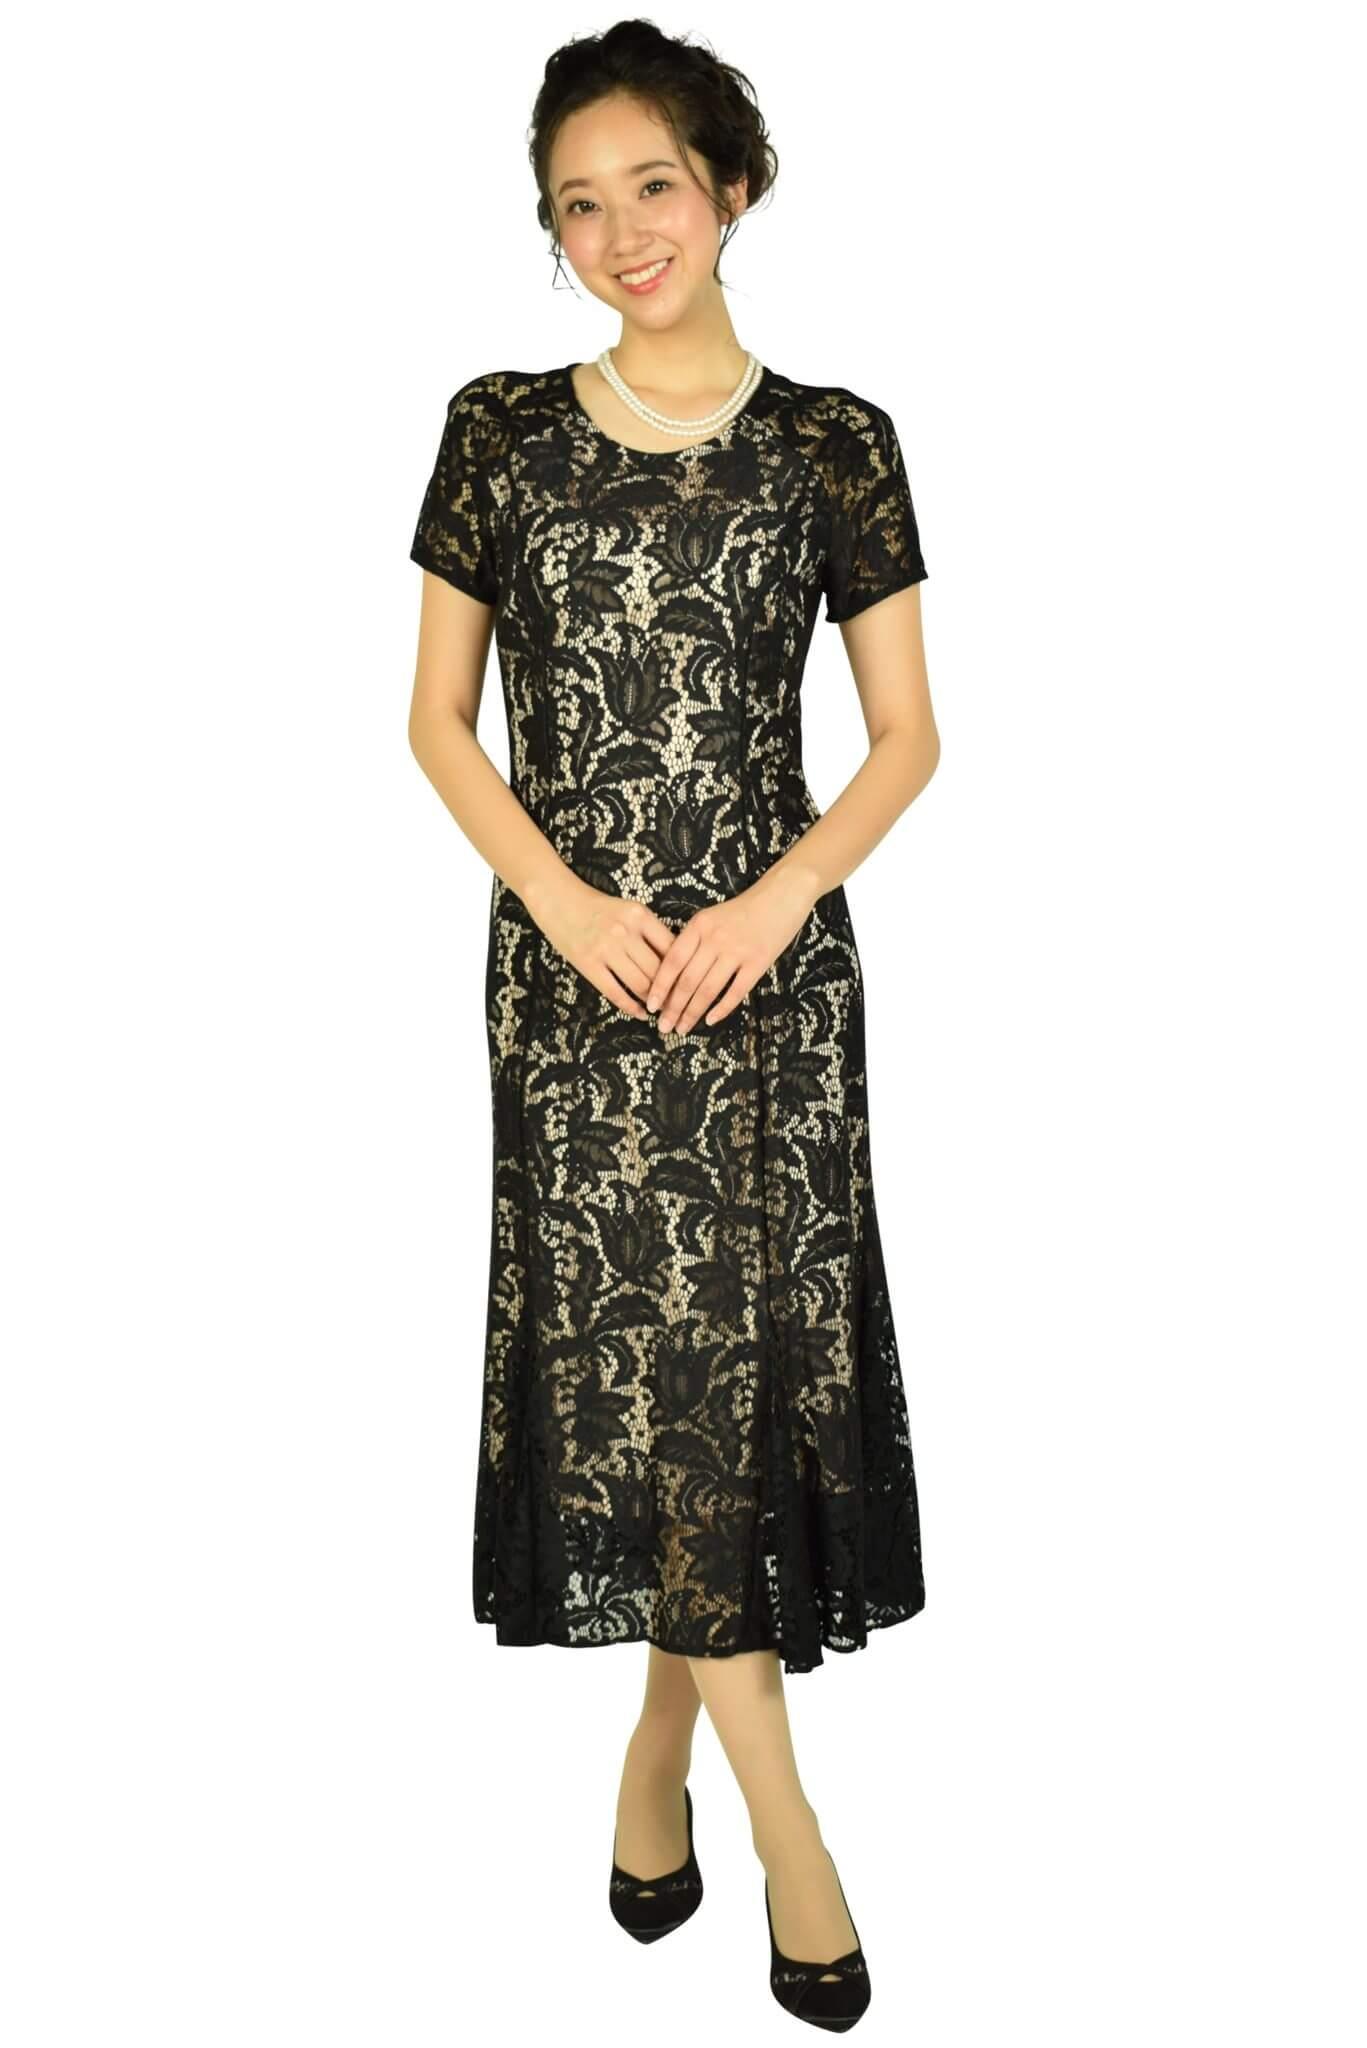 ローマン (ROMAN)フラワーモチーフレースブラックドレス